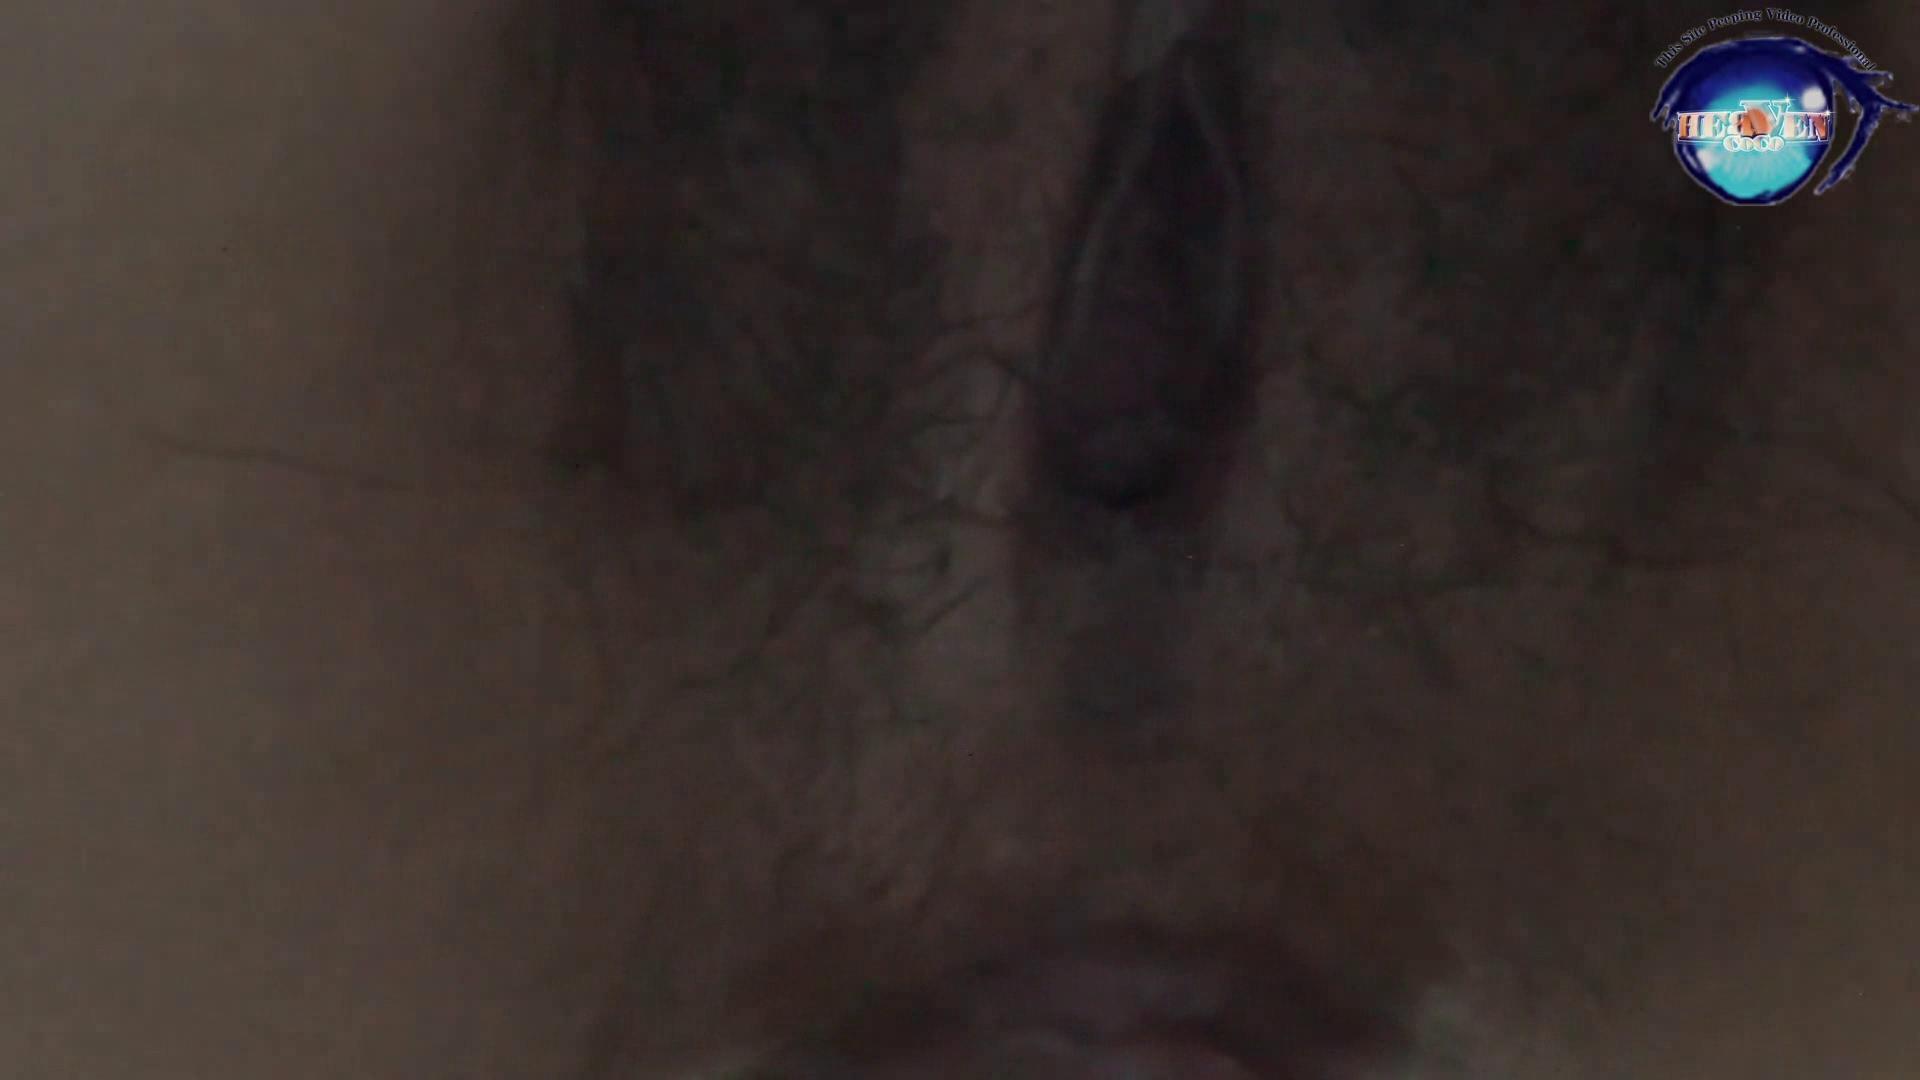 GOD HAND 芸術大学盗撮‼vol.64 OLエロ画像 のぞきエロ無料画像 105PICs 6